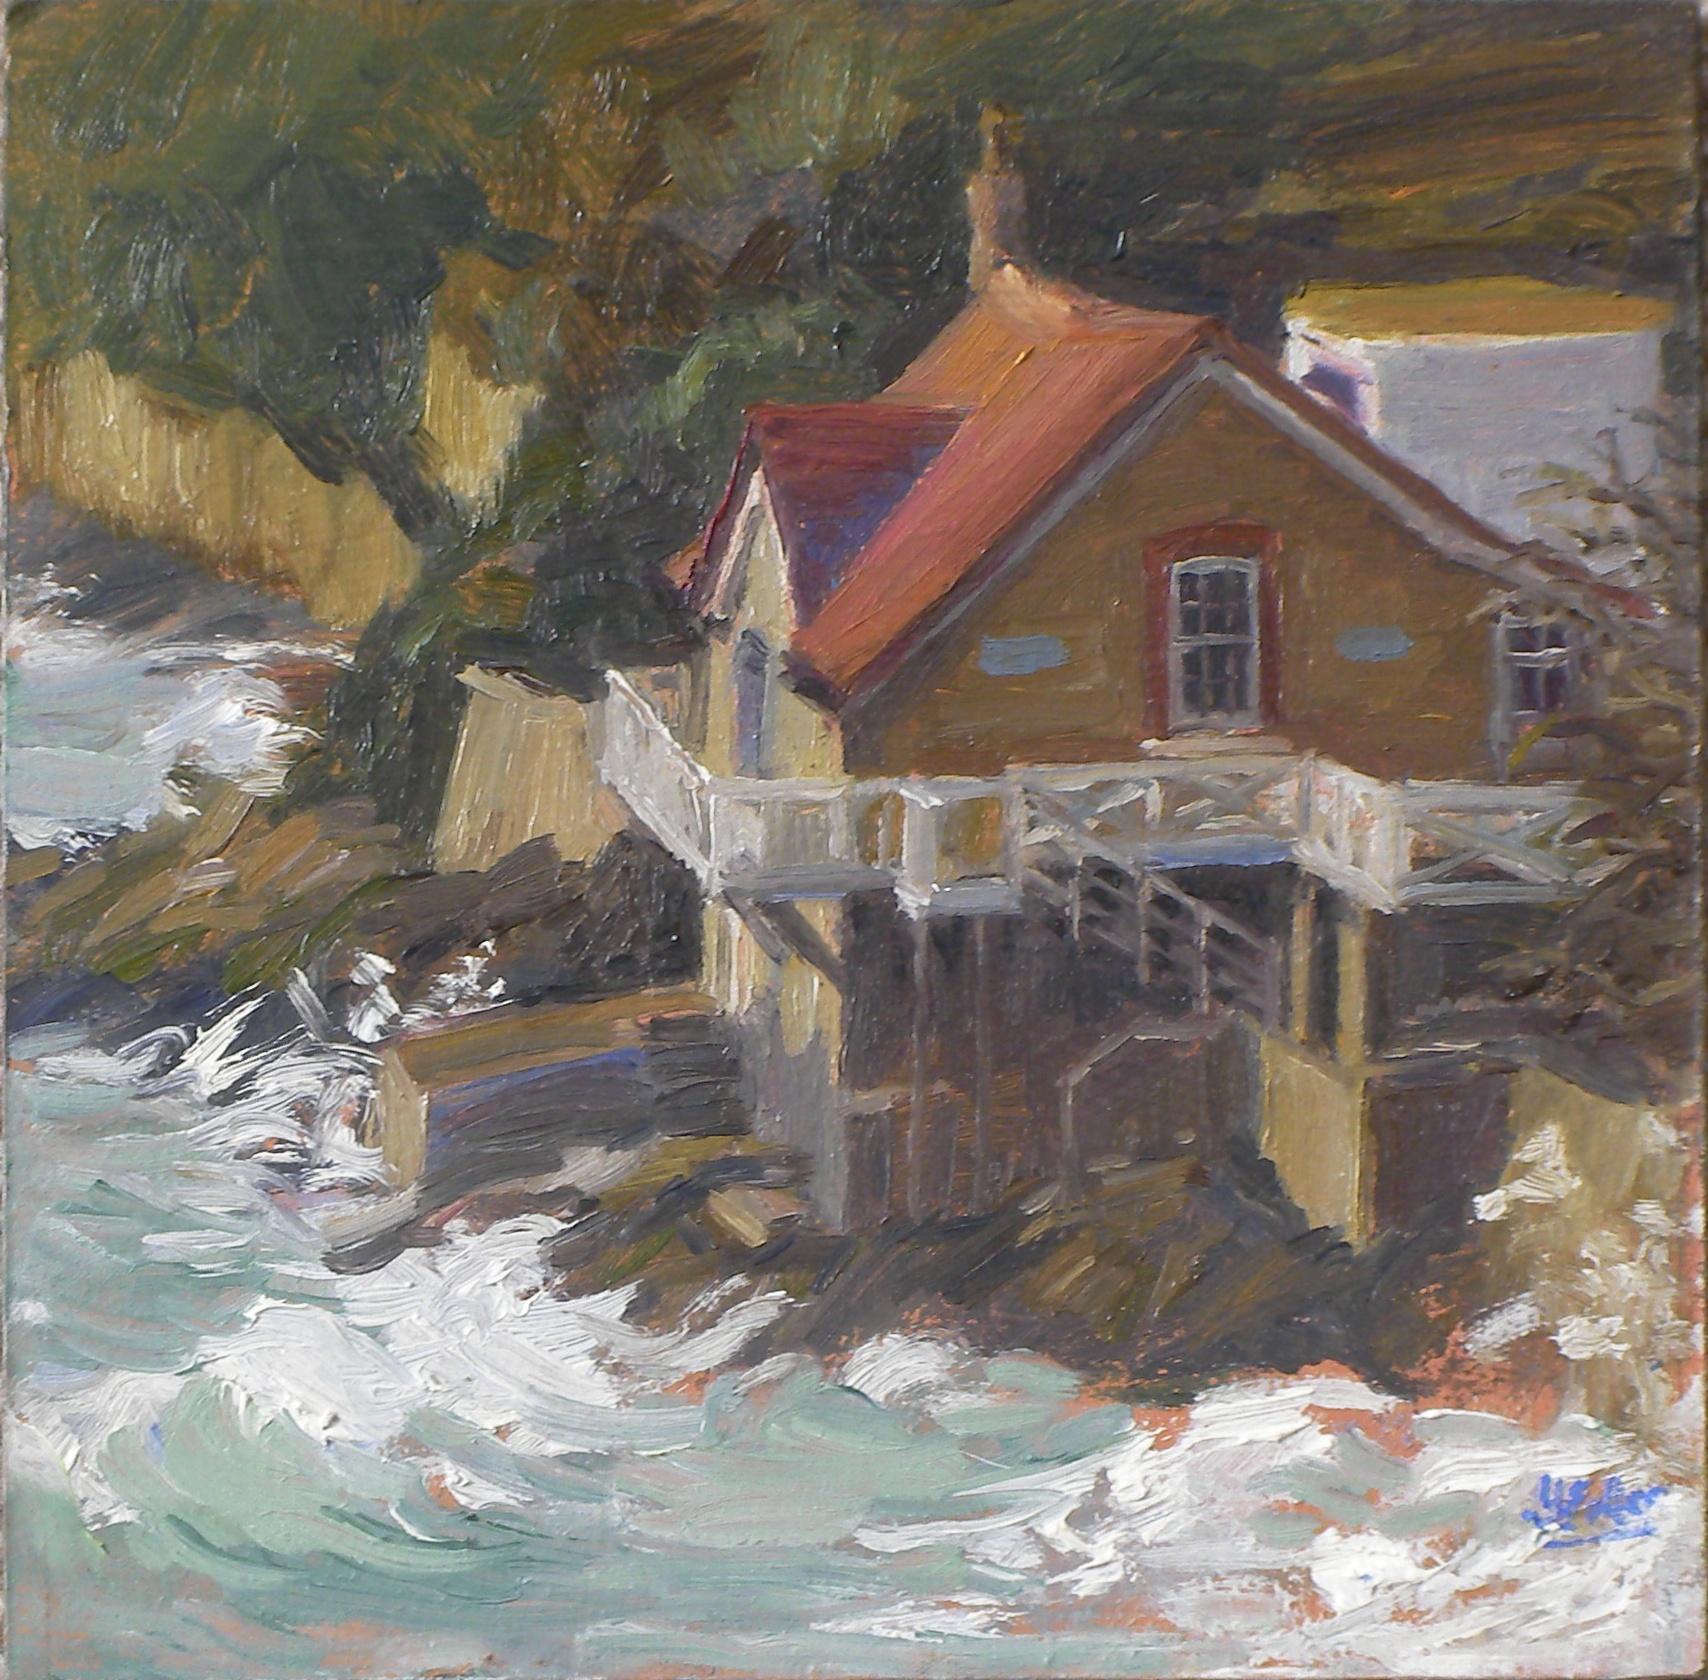 744 Boathouse rough sea 2014